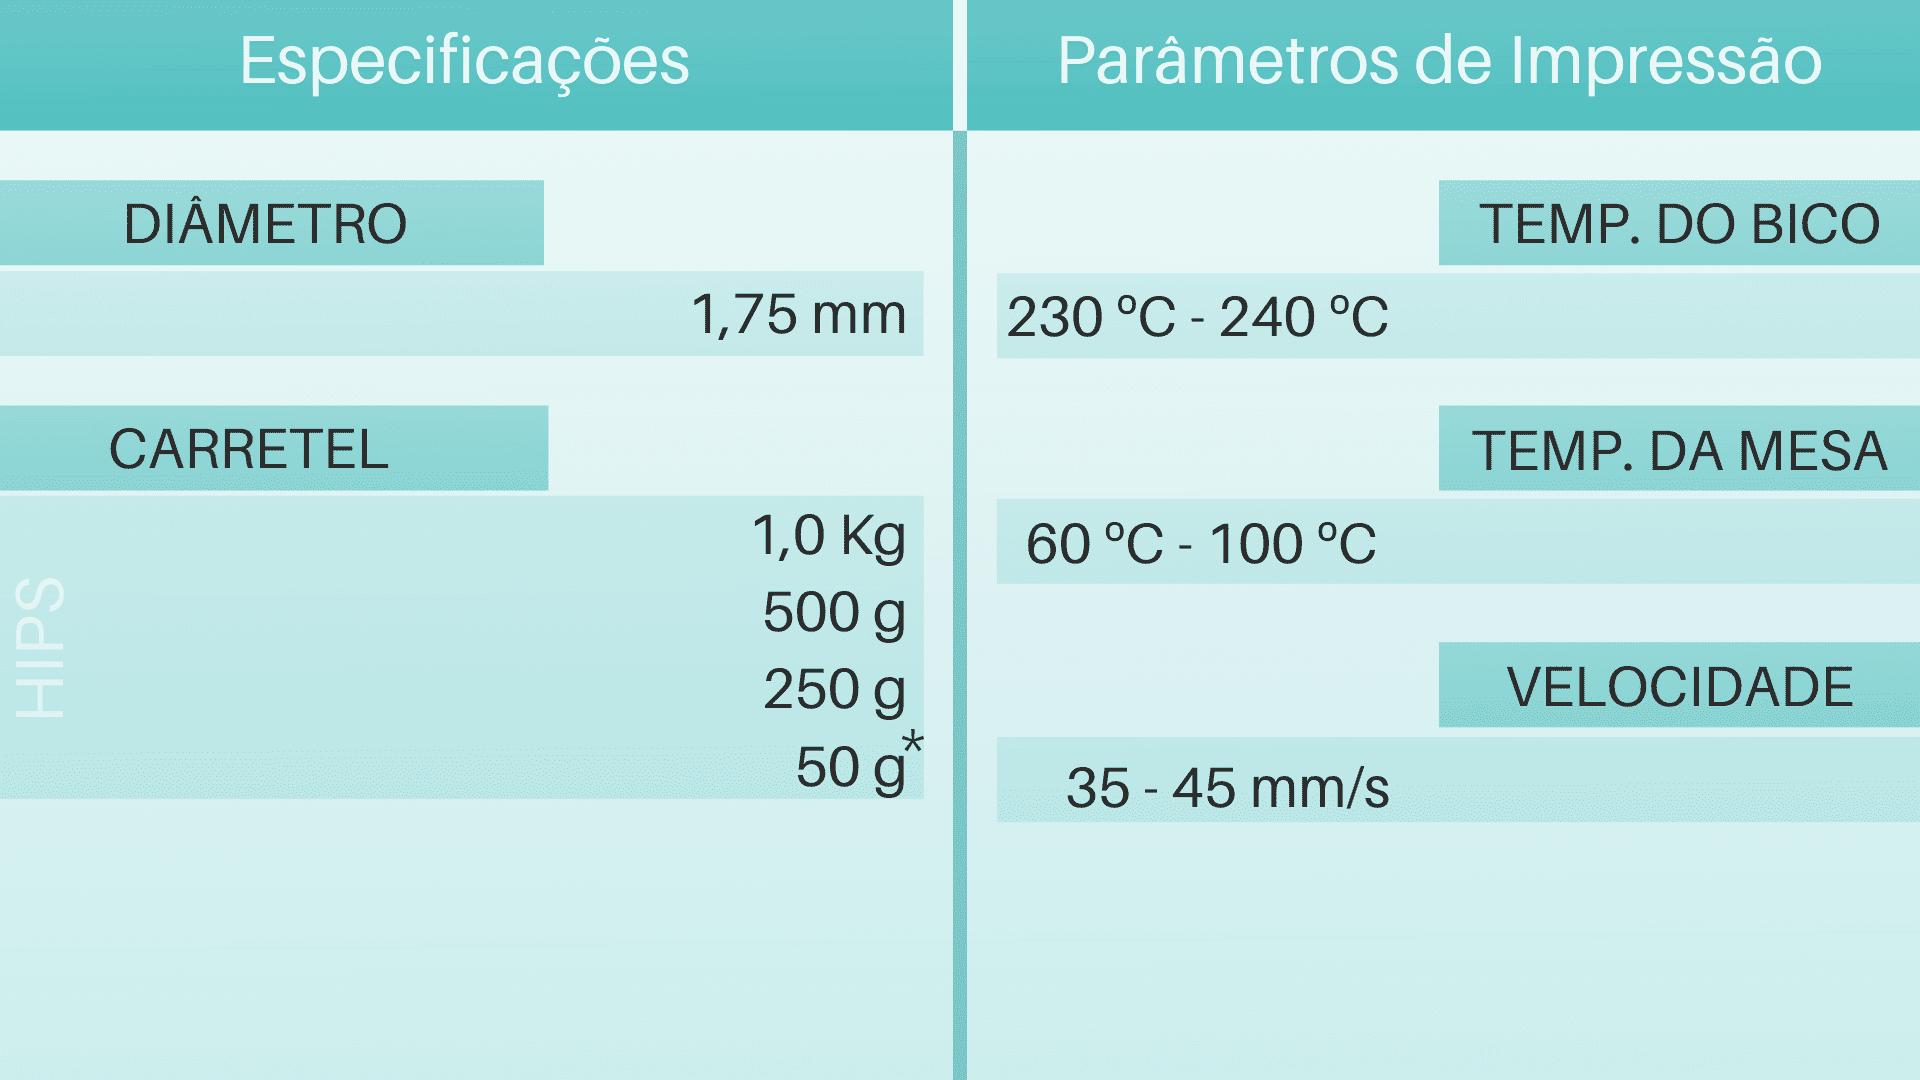 Tabela de Parâmetros e especificações do filamento 3d HIPS